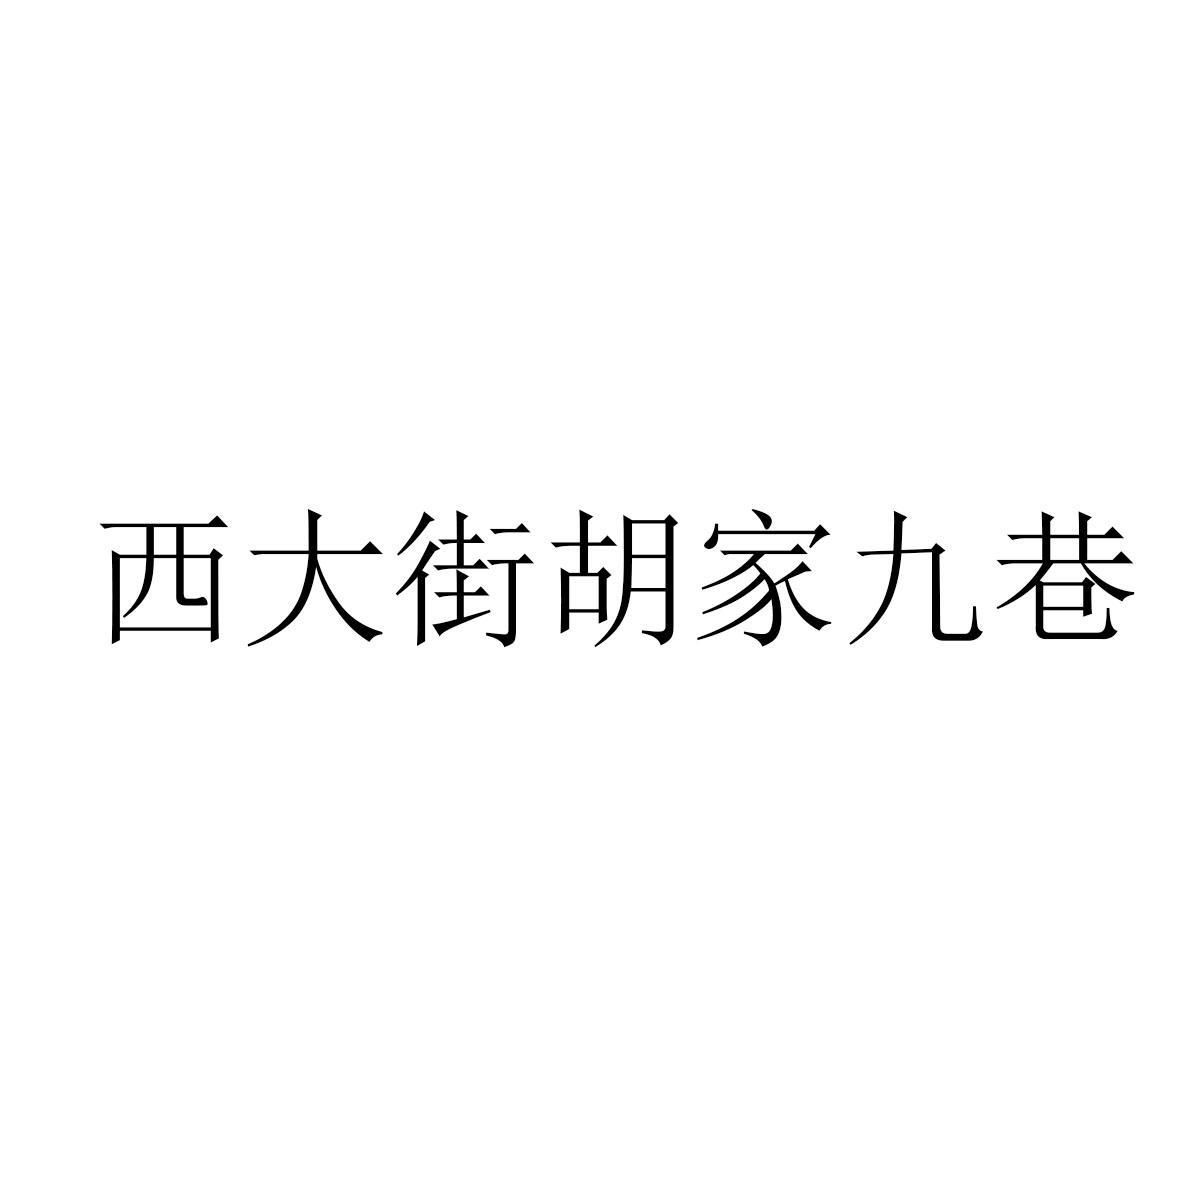 商标文字西大街胡家九巷商标注册号 41303100、商标申请人胡瑞广的商标详情 - 标库网商标查询